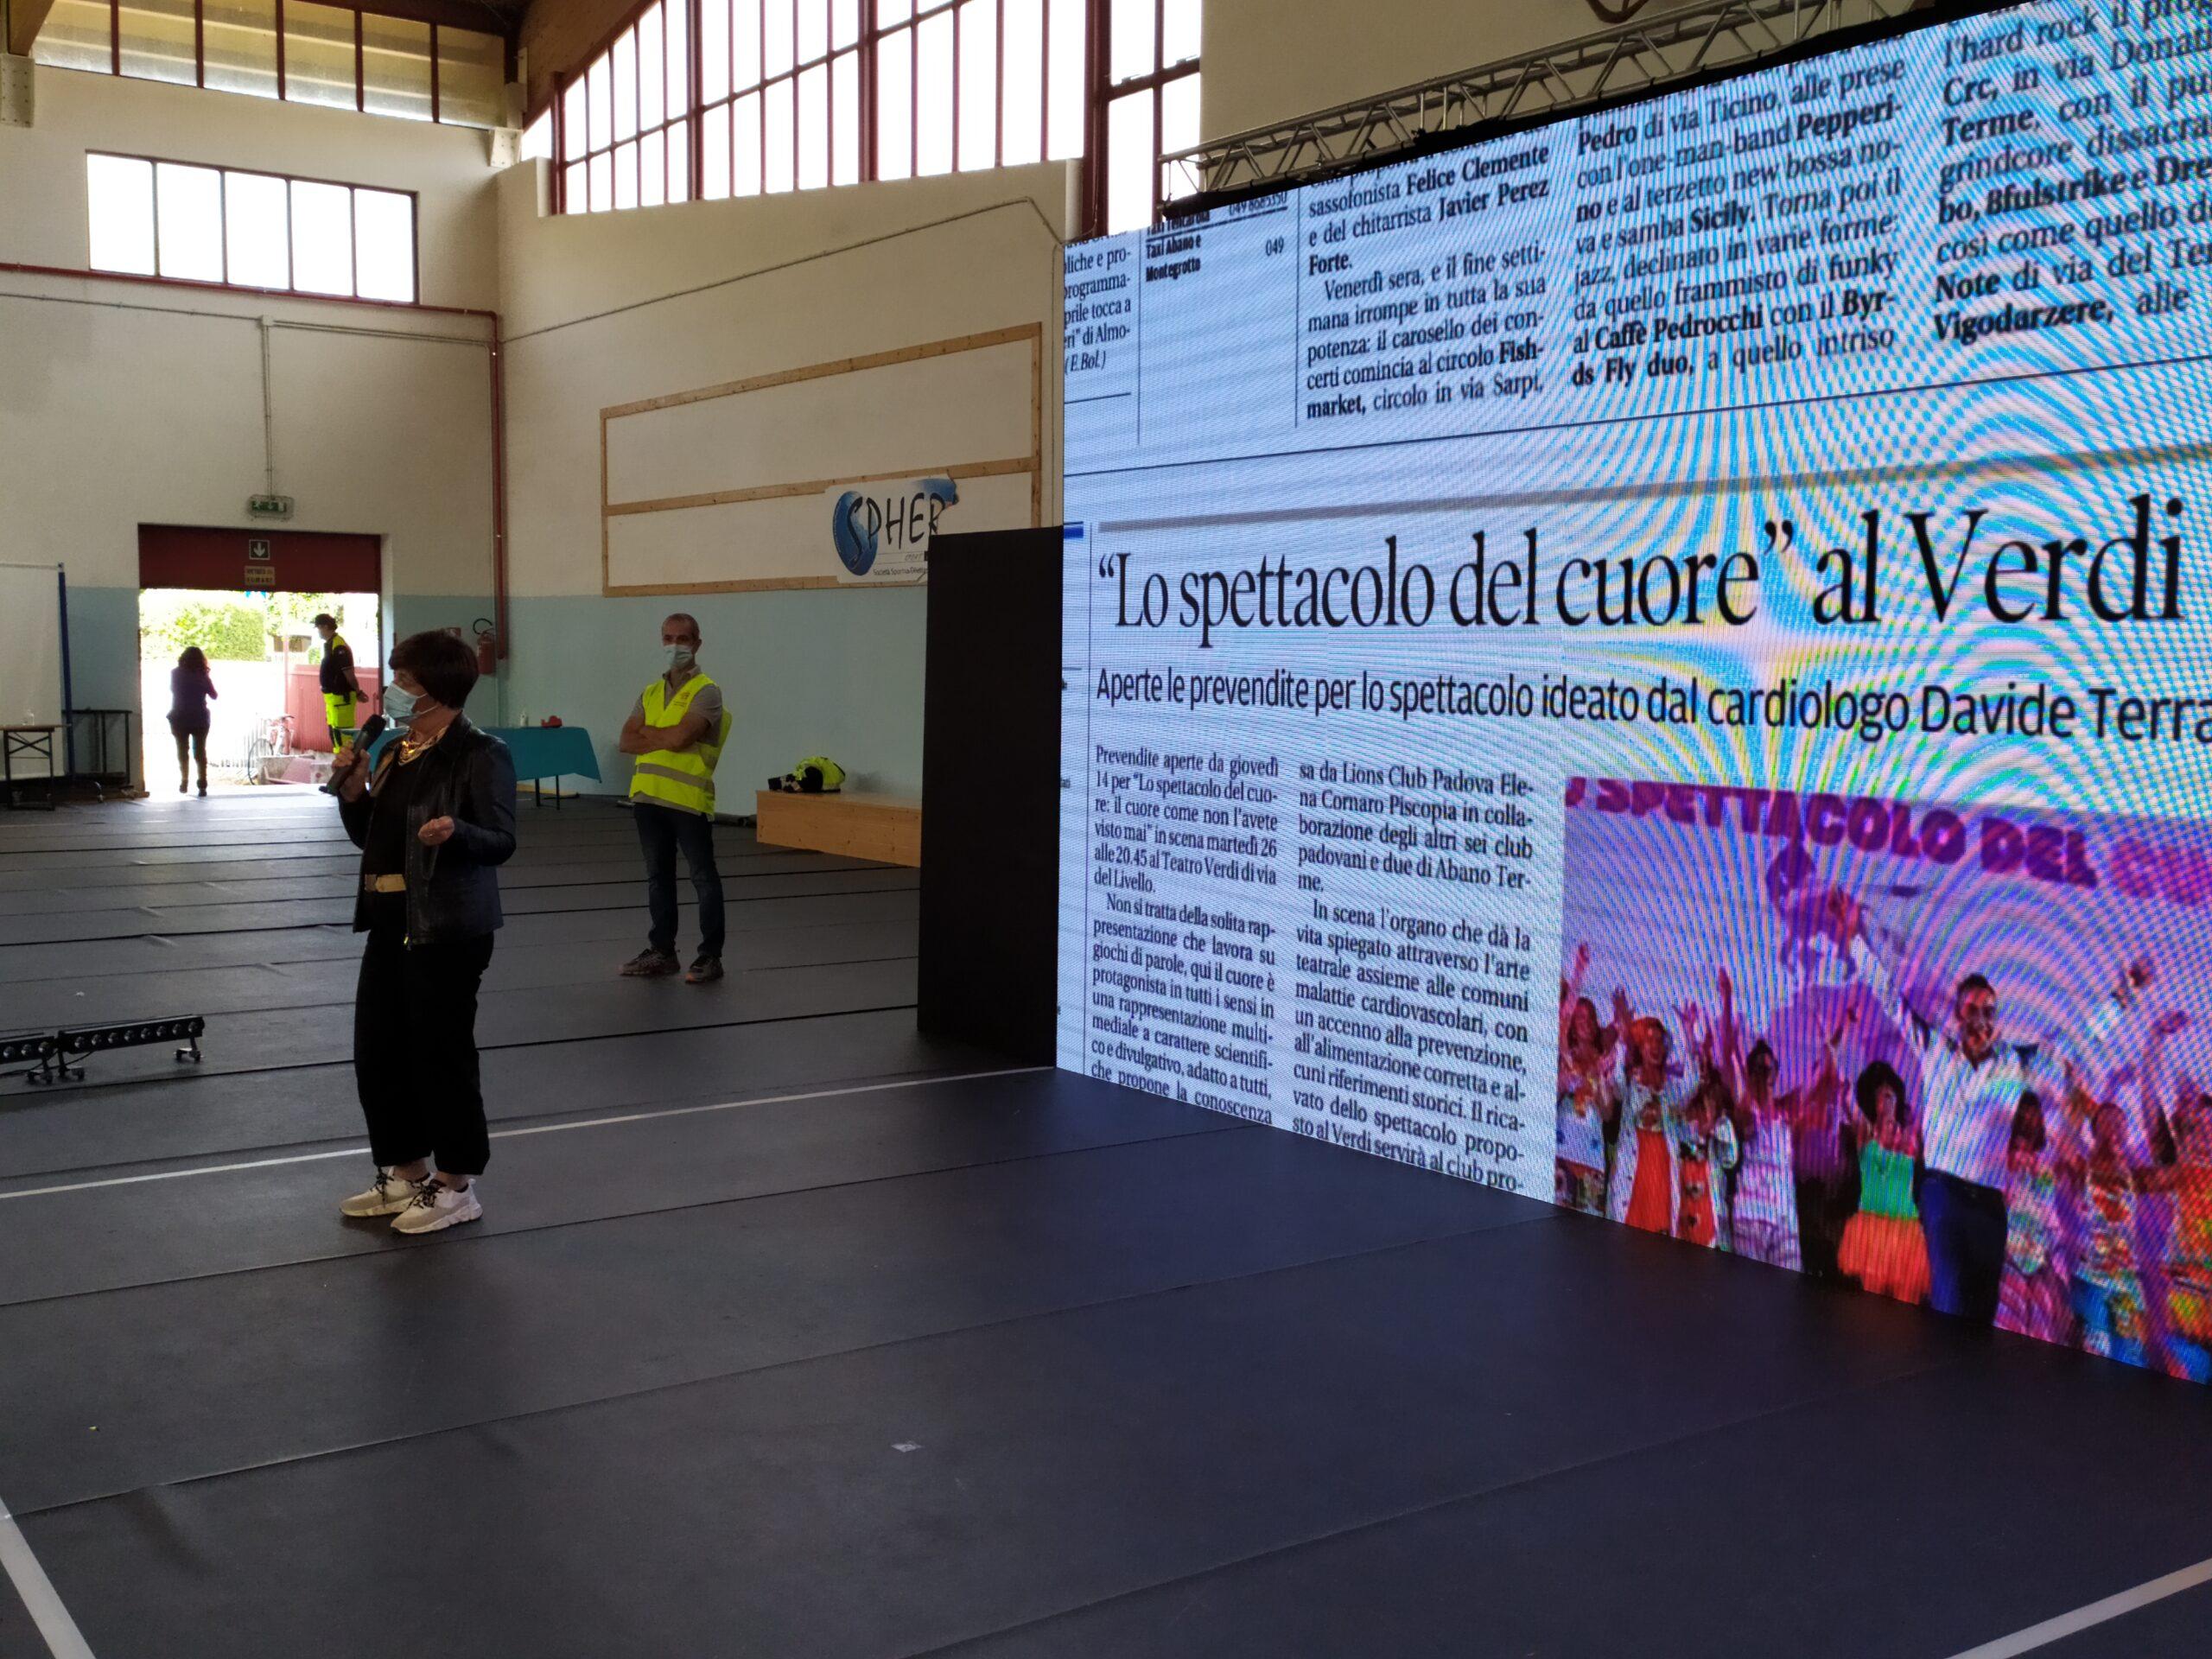 Spettacolo del Cuore a Cadoneghe (PD)